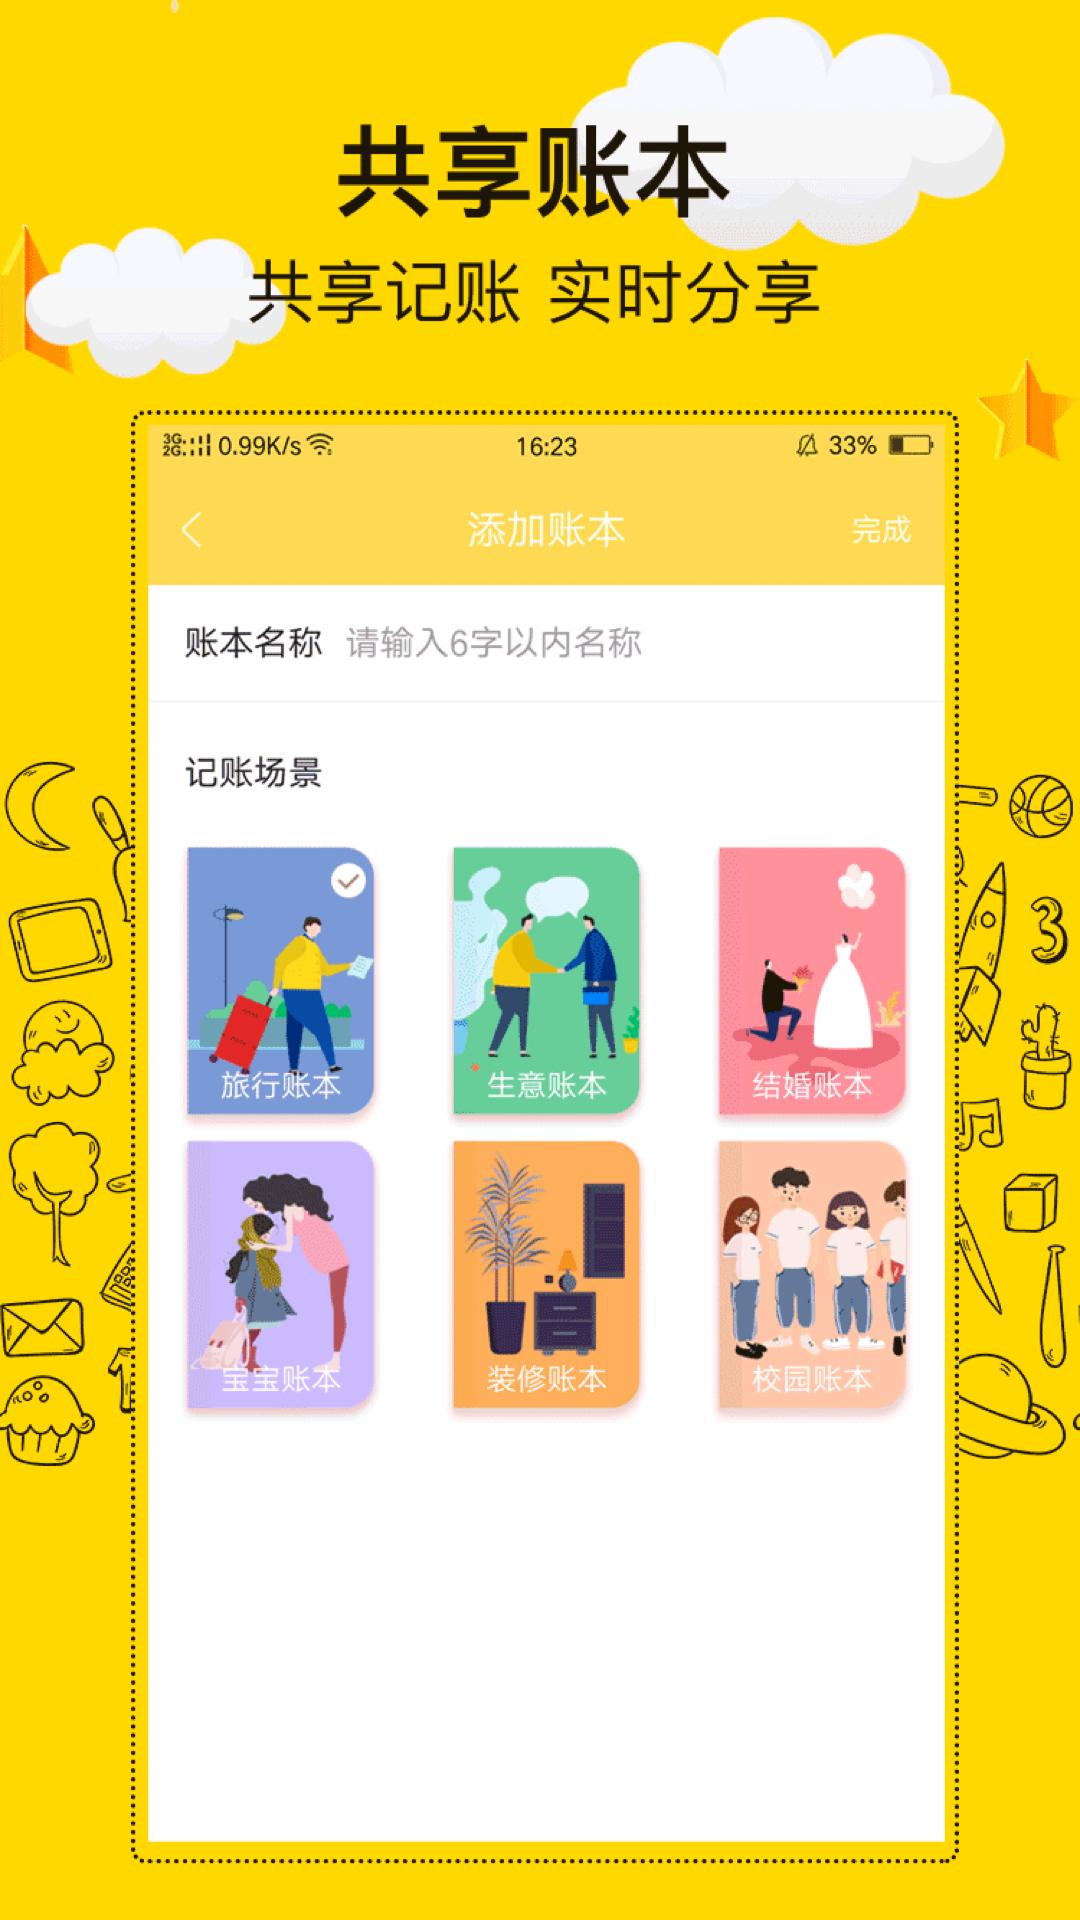 金牛记账官方app手机版图1: